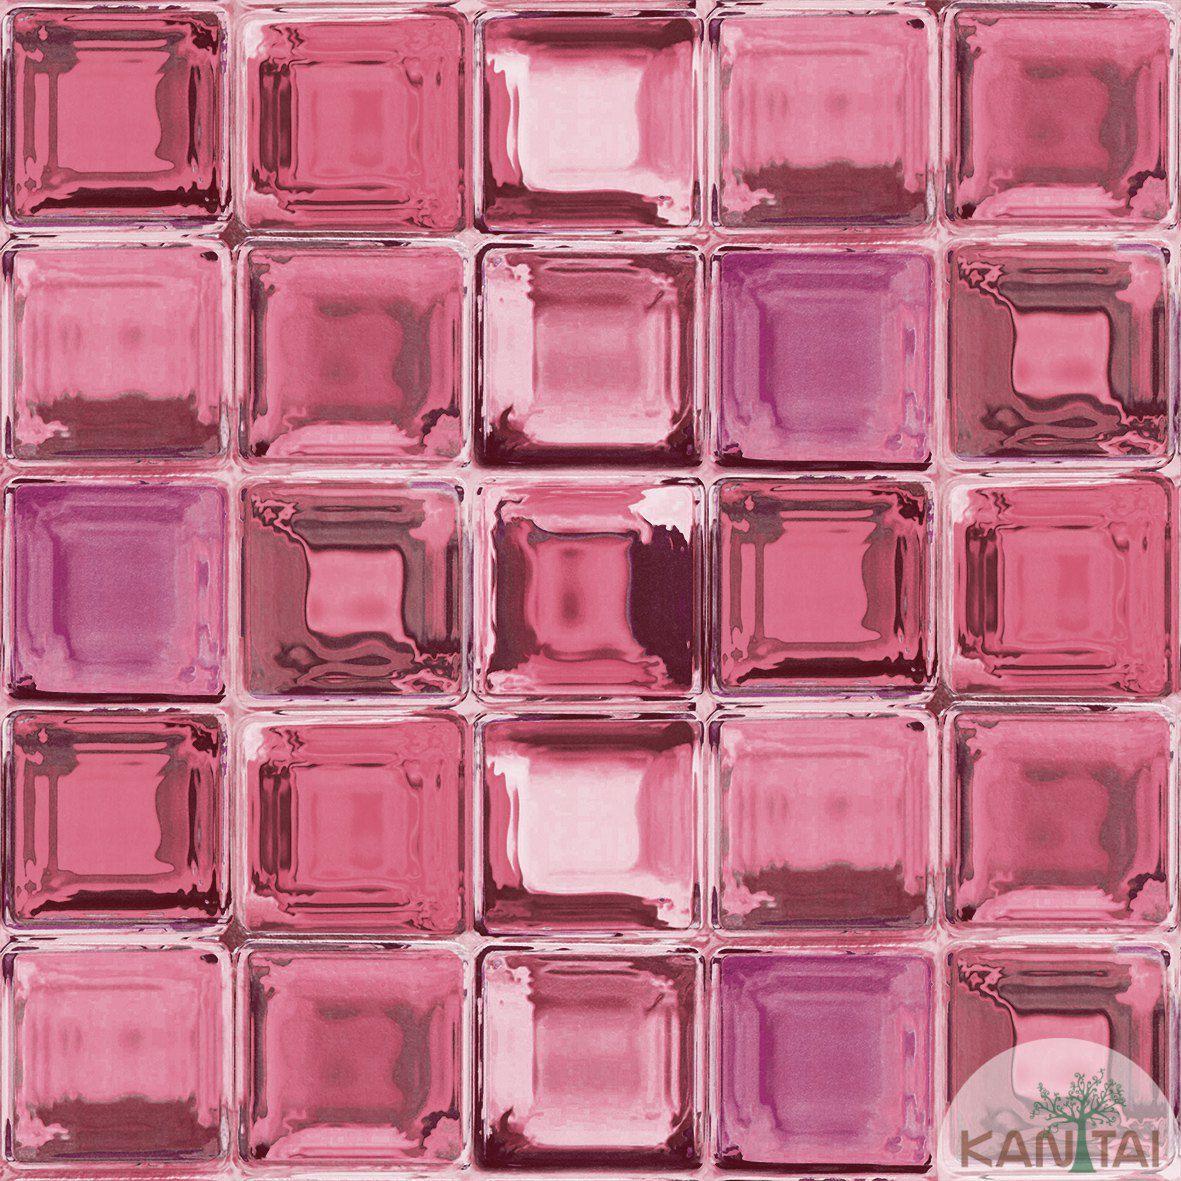 Papel de Parede Kan Tai  VinÍlico  Coleção Neonature IV Geométrico Tijolo de vidro Tons Vermelho